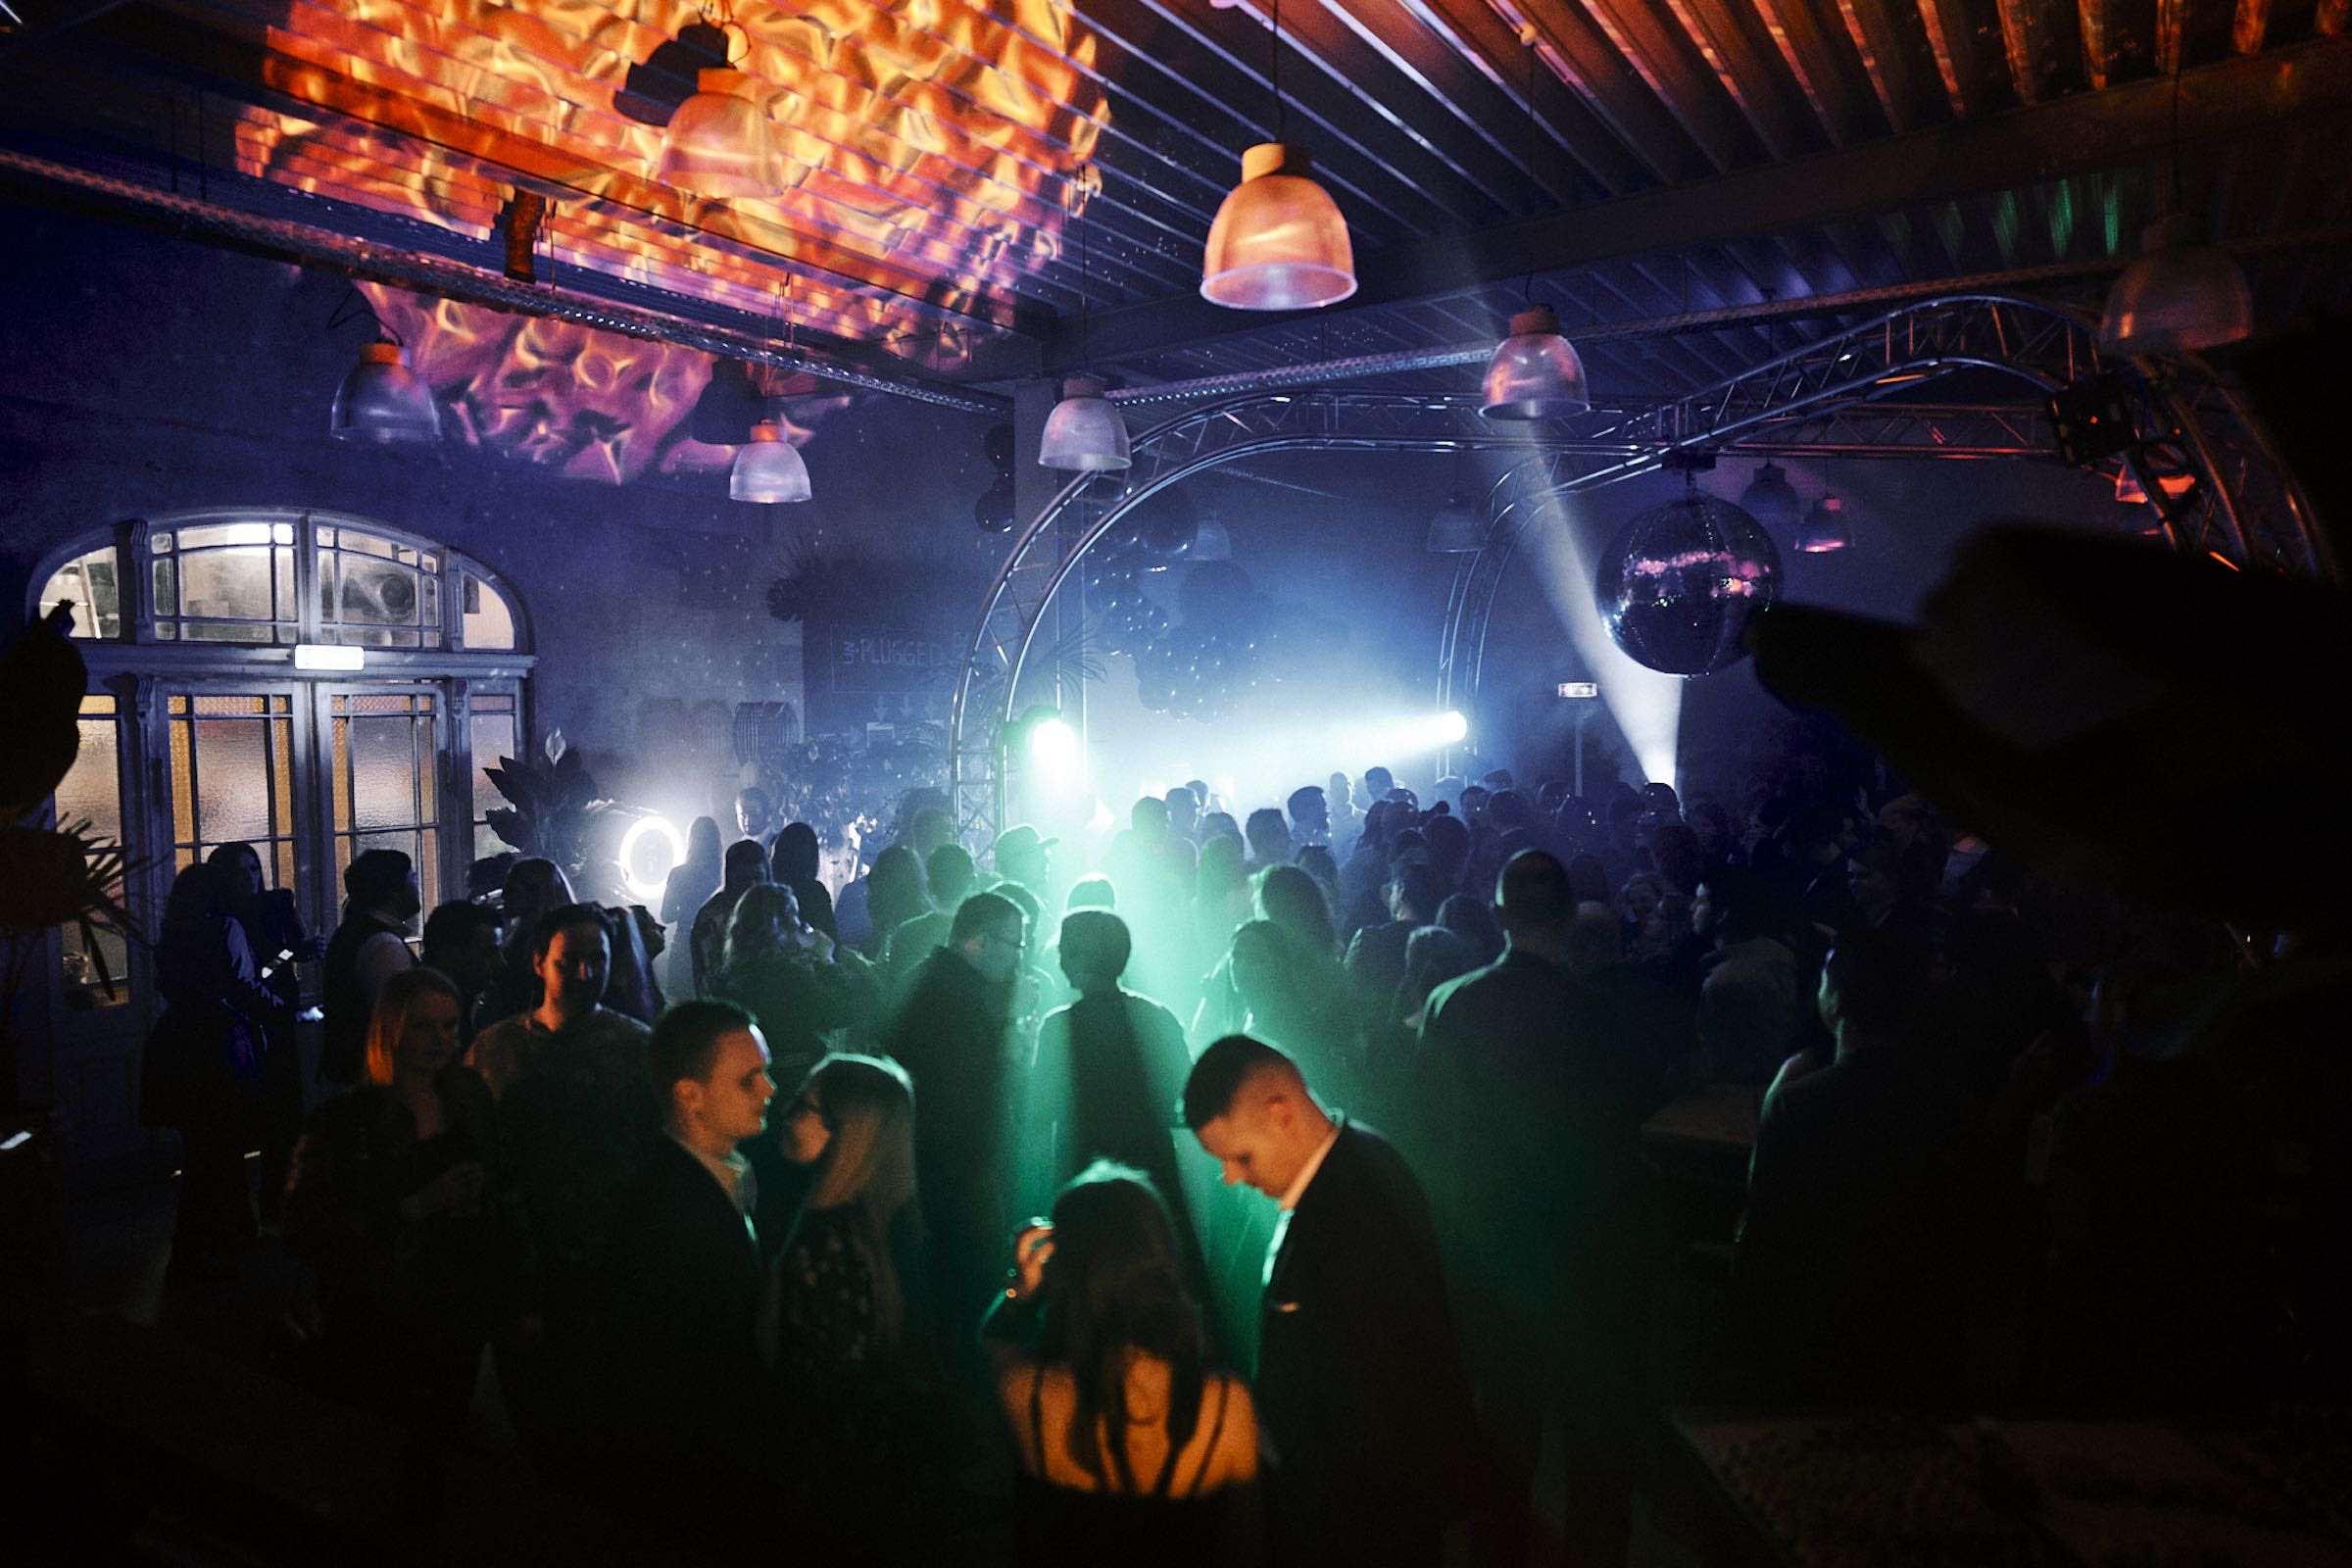 DJ | Agentur | Hamburg | DJ | Service | DJ | Feier | Hochzeits | DJ | Messe | DJ | Hamburg | Firmenfeier | DJ | Geburtstag | Discjockey | Weihnachtsfeier | DJ | Sommerfest | Event | Buchen | Mieten | Hamburgfeiert